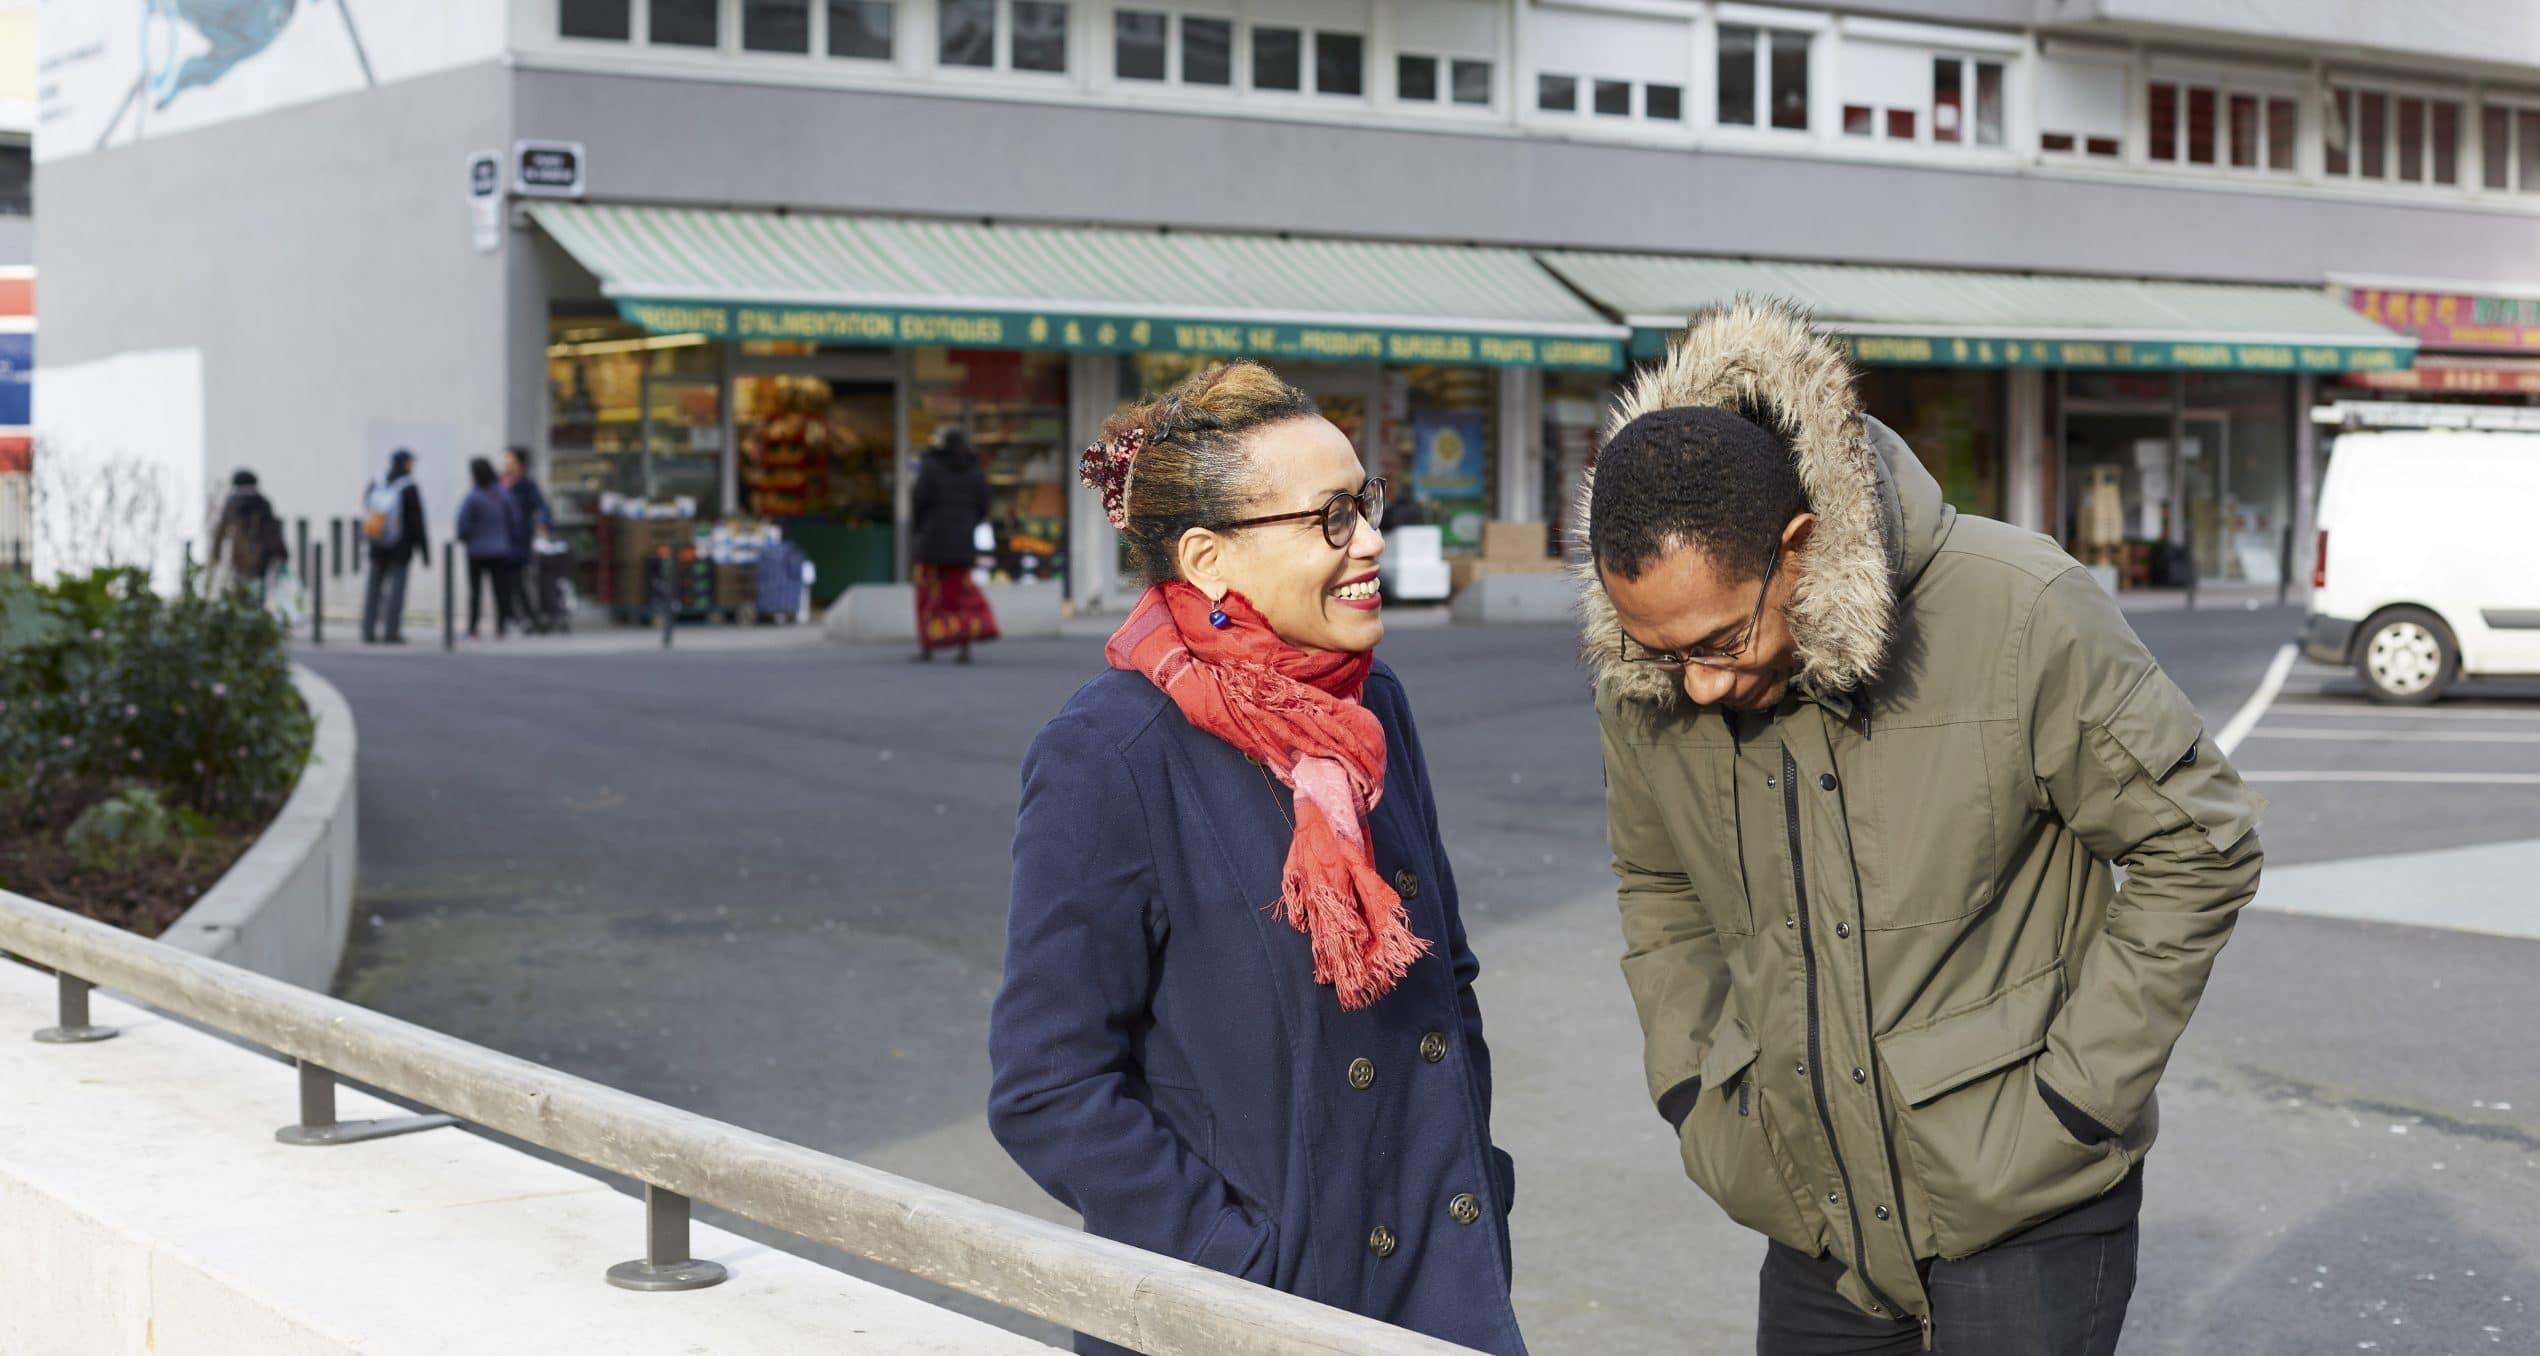 Deux personnes sourient dehors - photo réalisée par Camille Malissen